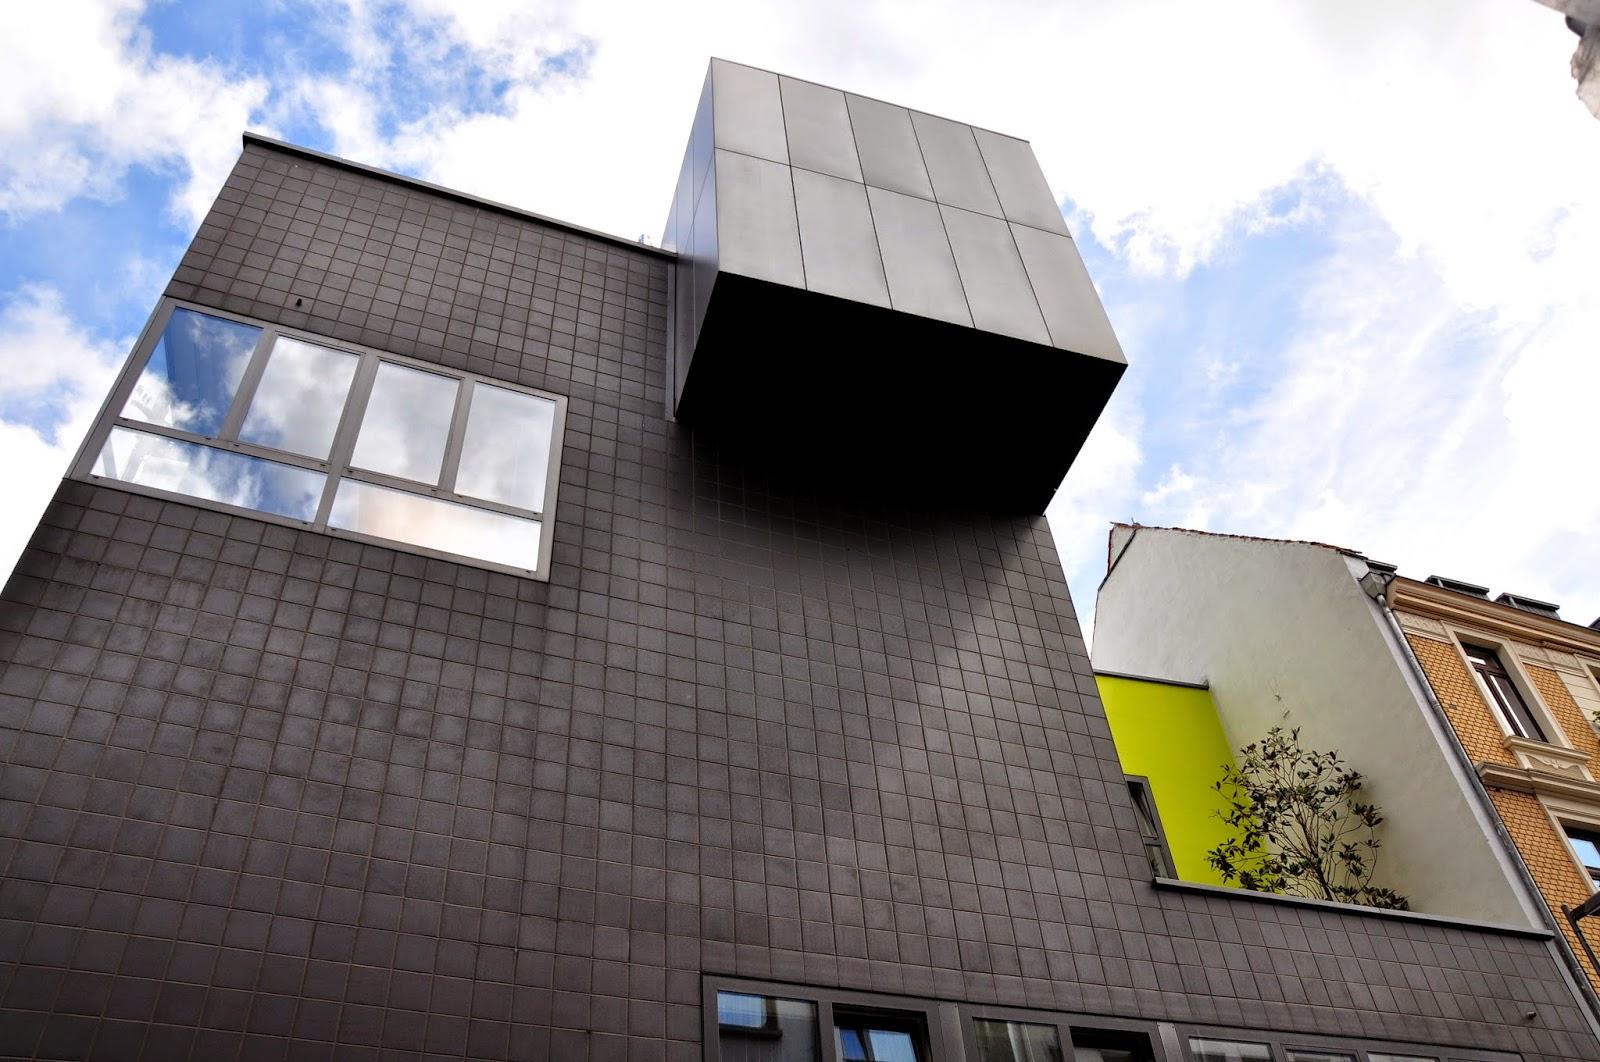 Architekten Suchen elisa macht architektur suchen und finden